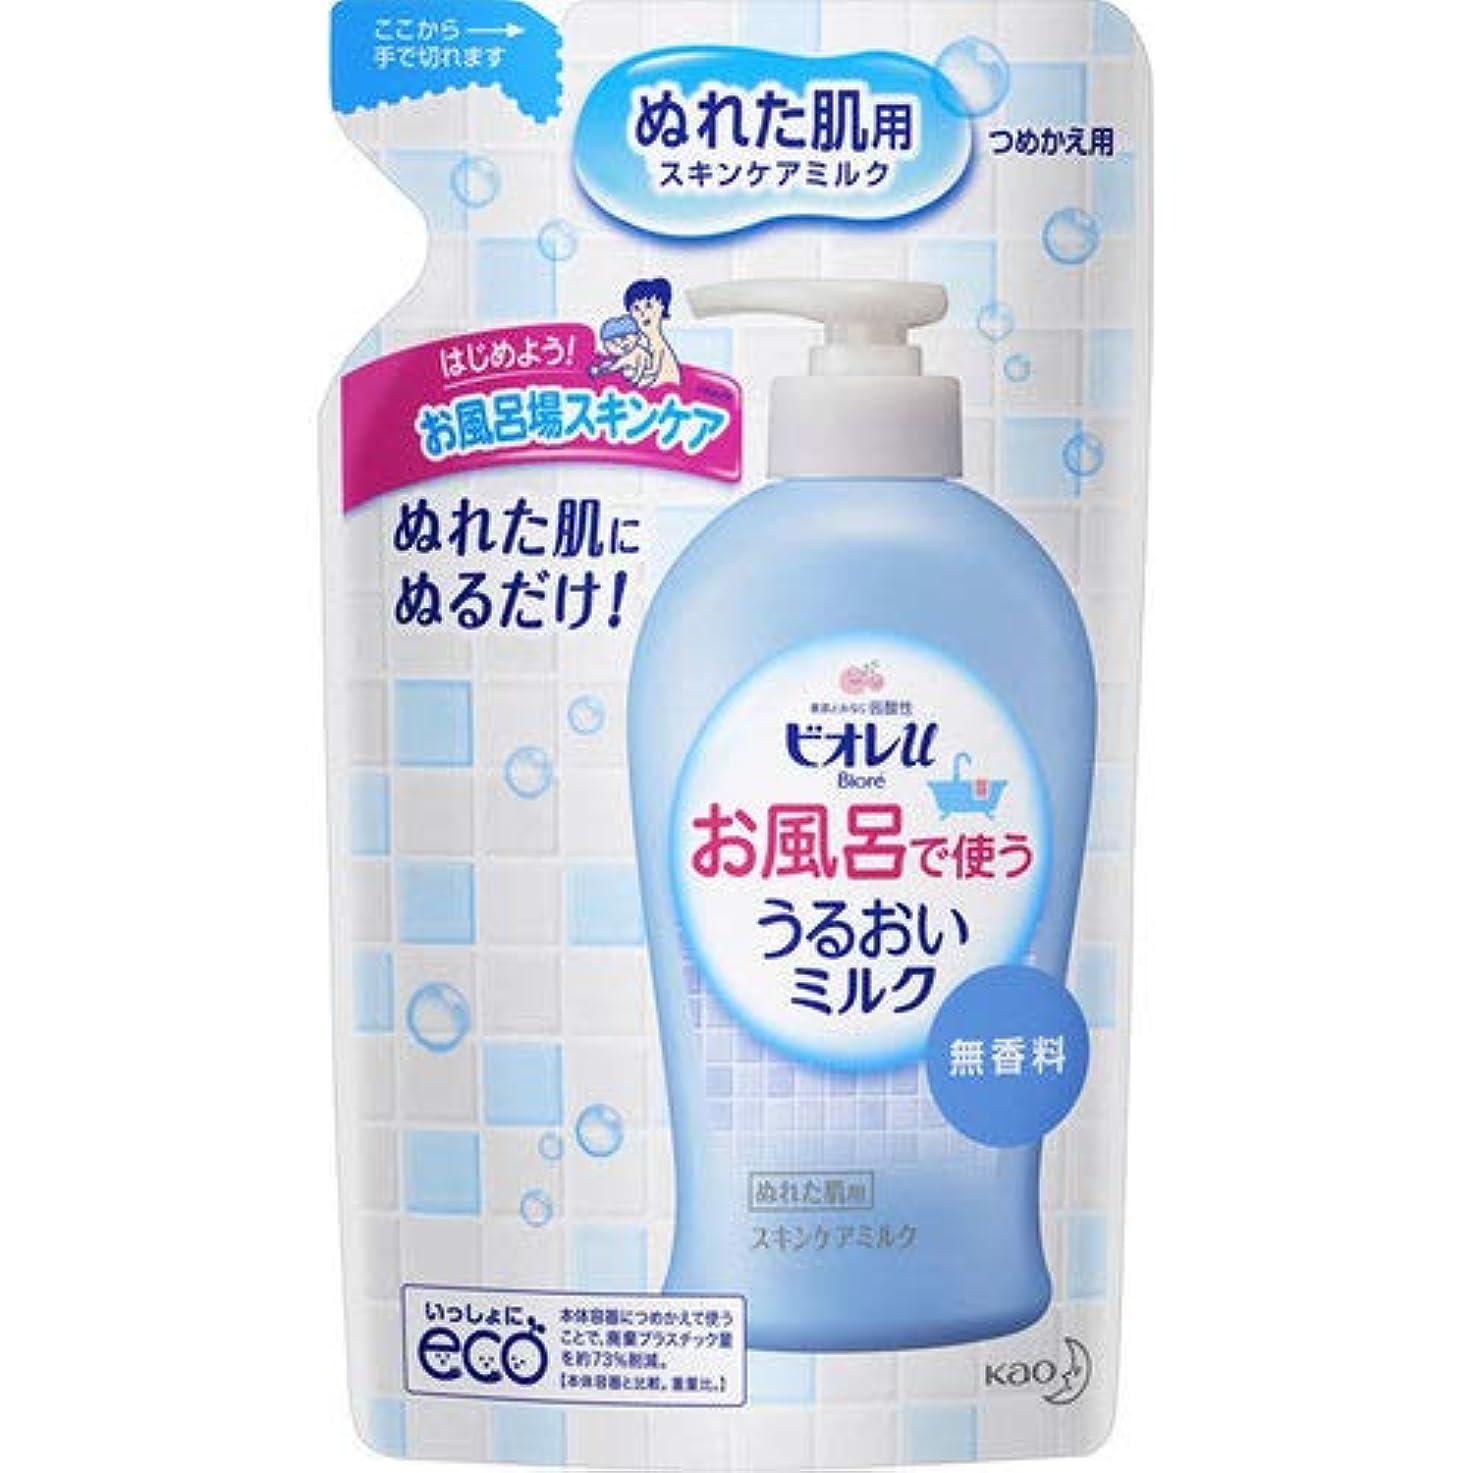 流行ゴールド任意ビオレu お風呂で使ううるおいミルク 無香料 つめかえ用 250mL